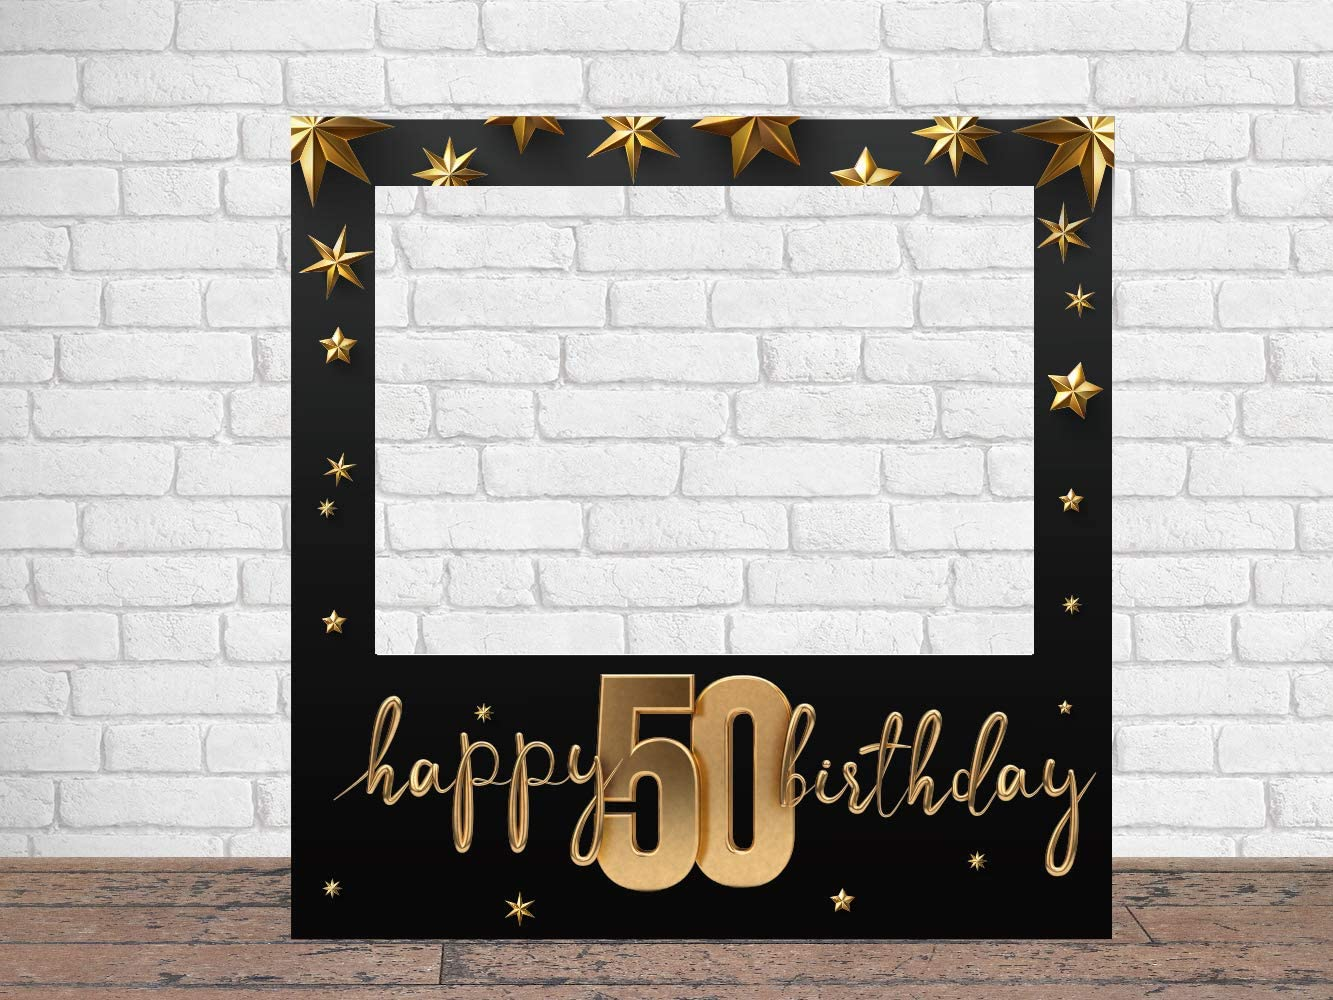 Photocall Feliz 50 Cumpleaños Estrellas 100 x100 cm | Regalos para Cumpleaños | Photocall Económico y Original | Ideas para Regalos | Regalos Personalizados de Cumpleaños